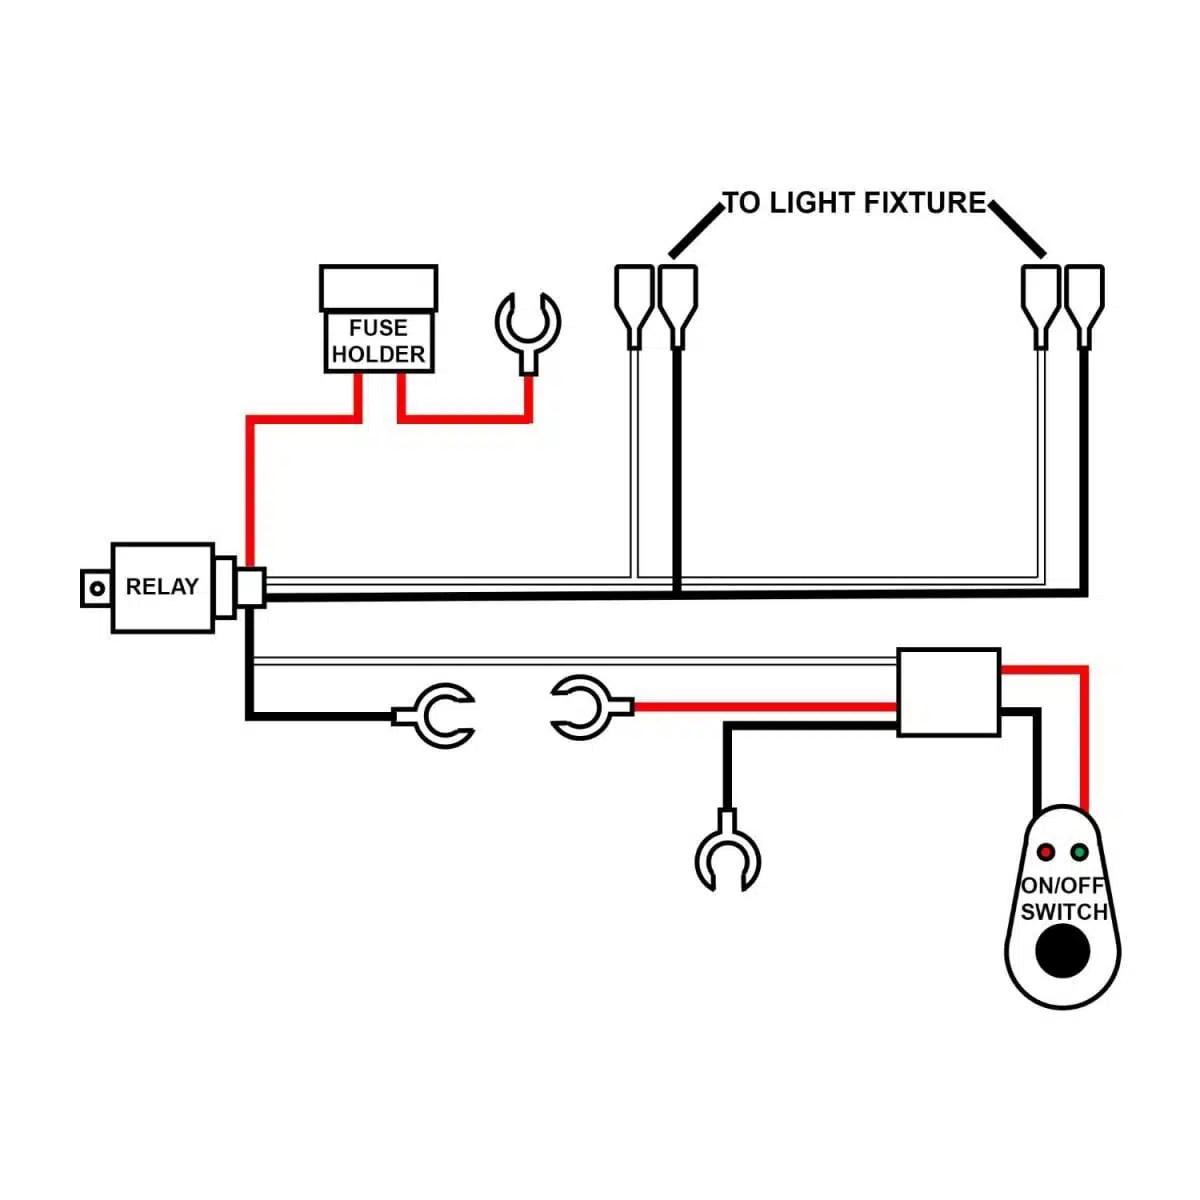 led light bar wiring diagram two led light disc 1, led connectionled light bar wiring diagram two on led light disc 1, led connection diagram,